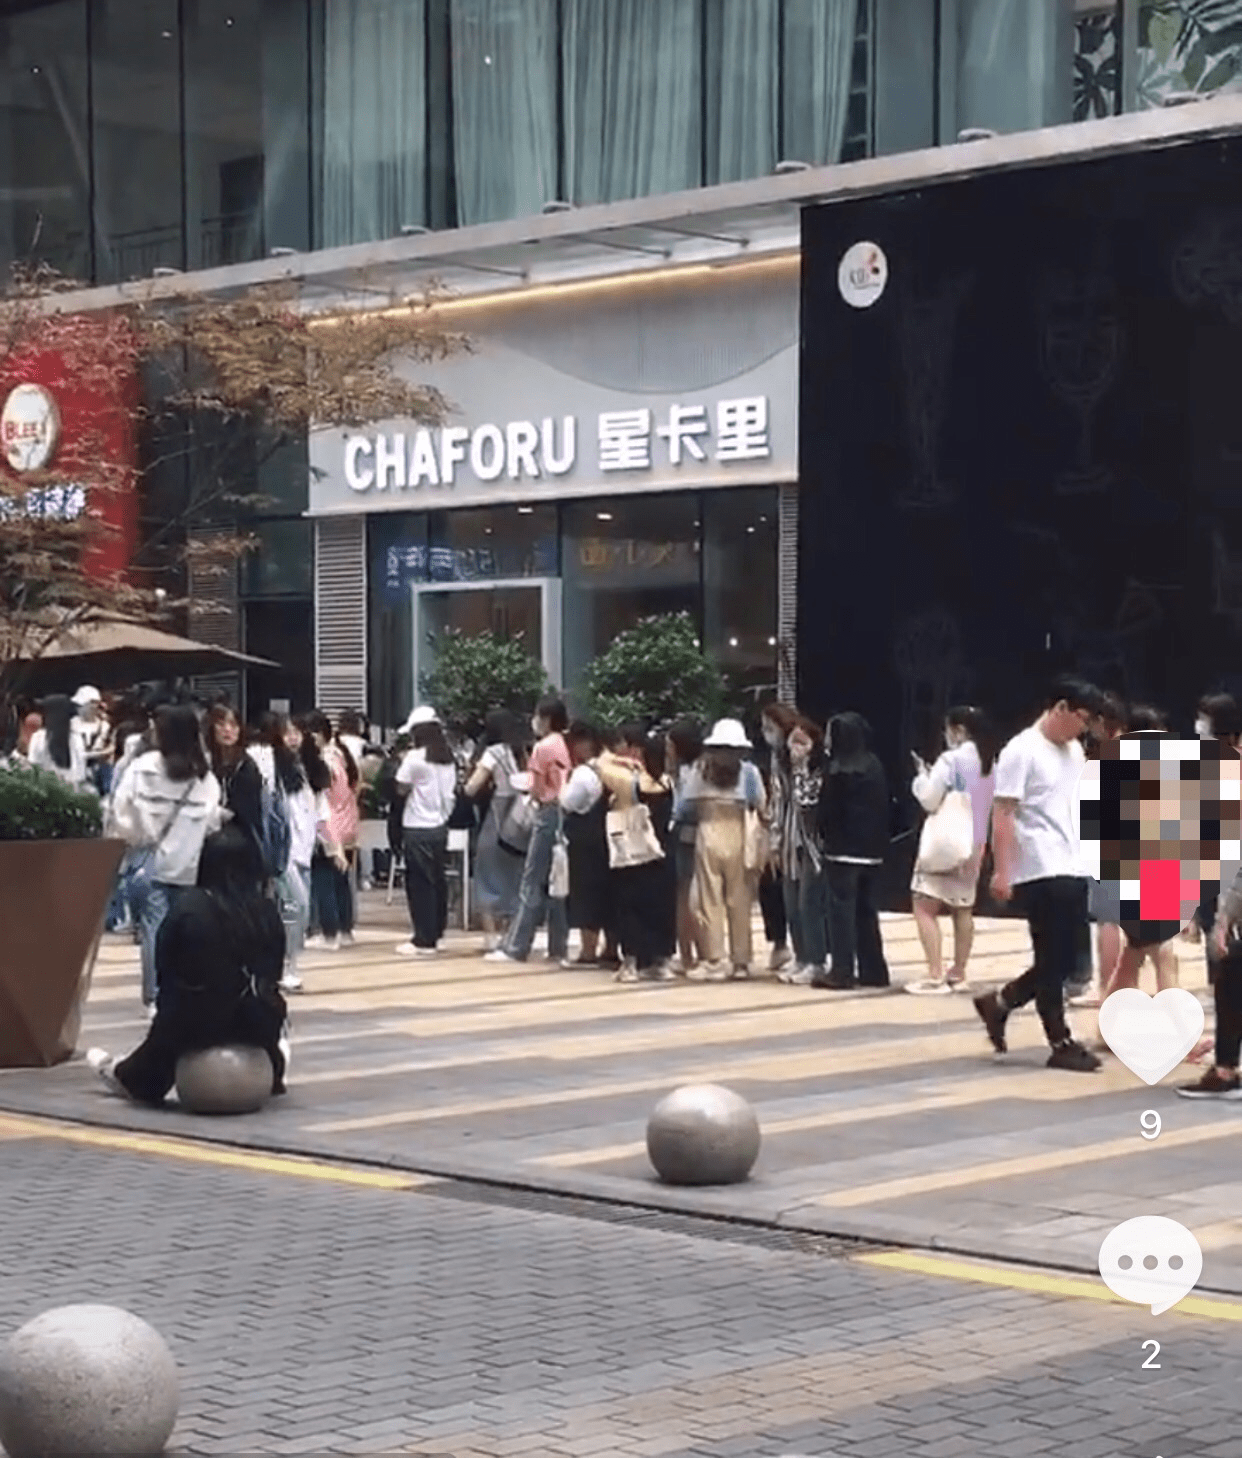 王俊凯父母奶茶店闭店 粉丝从街头排到街尾 被误认为排队打疫苗-家庭网